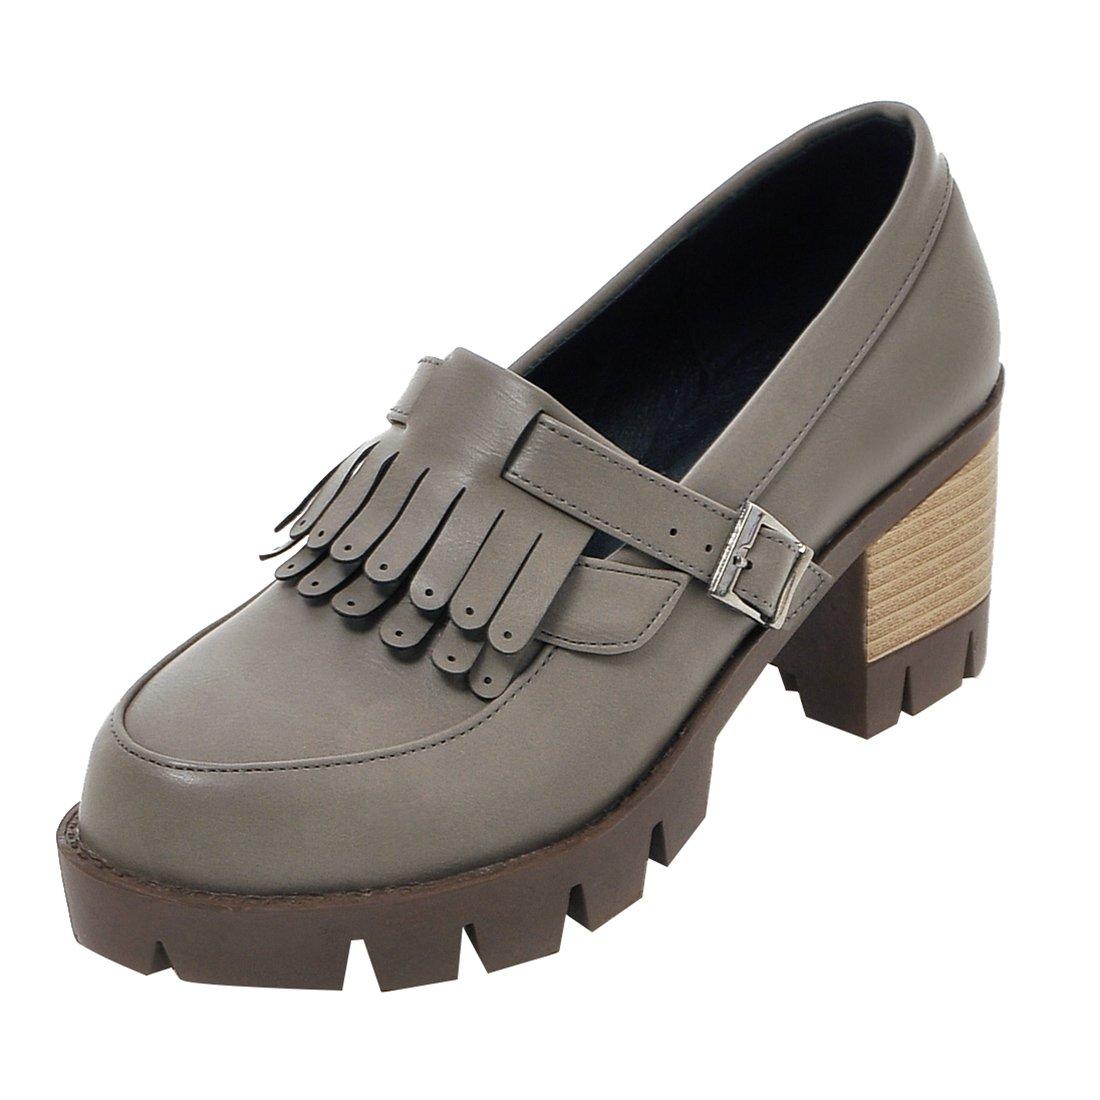 UH Damen Chunky High Heels Blockabsatz Plateau Pumps mit Fransen Bequeme Schuhe